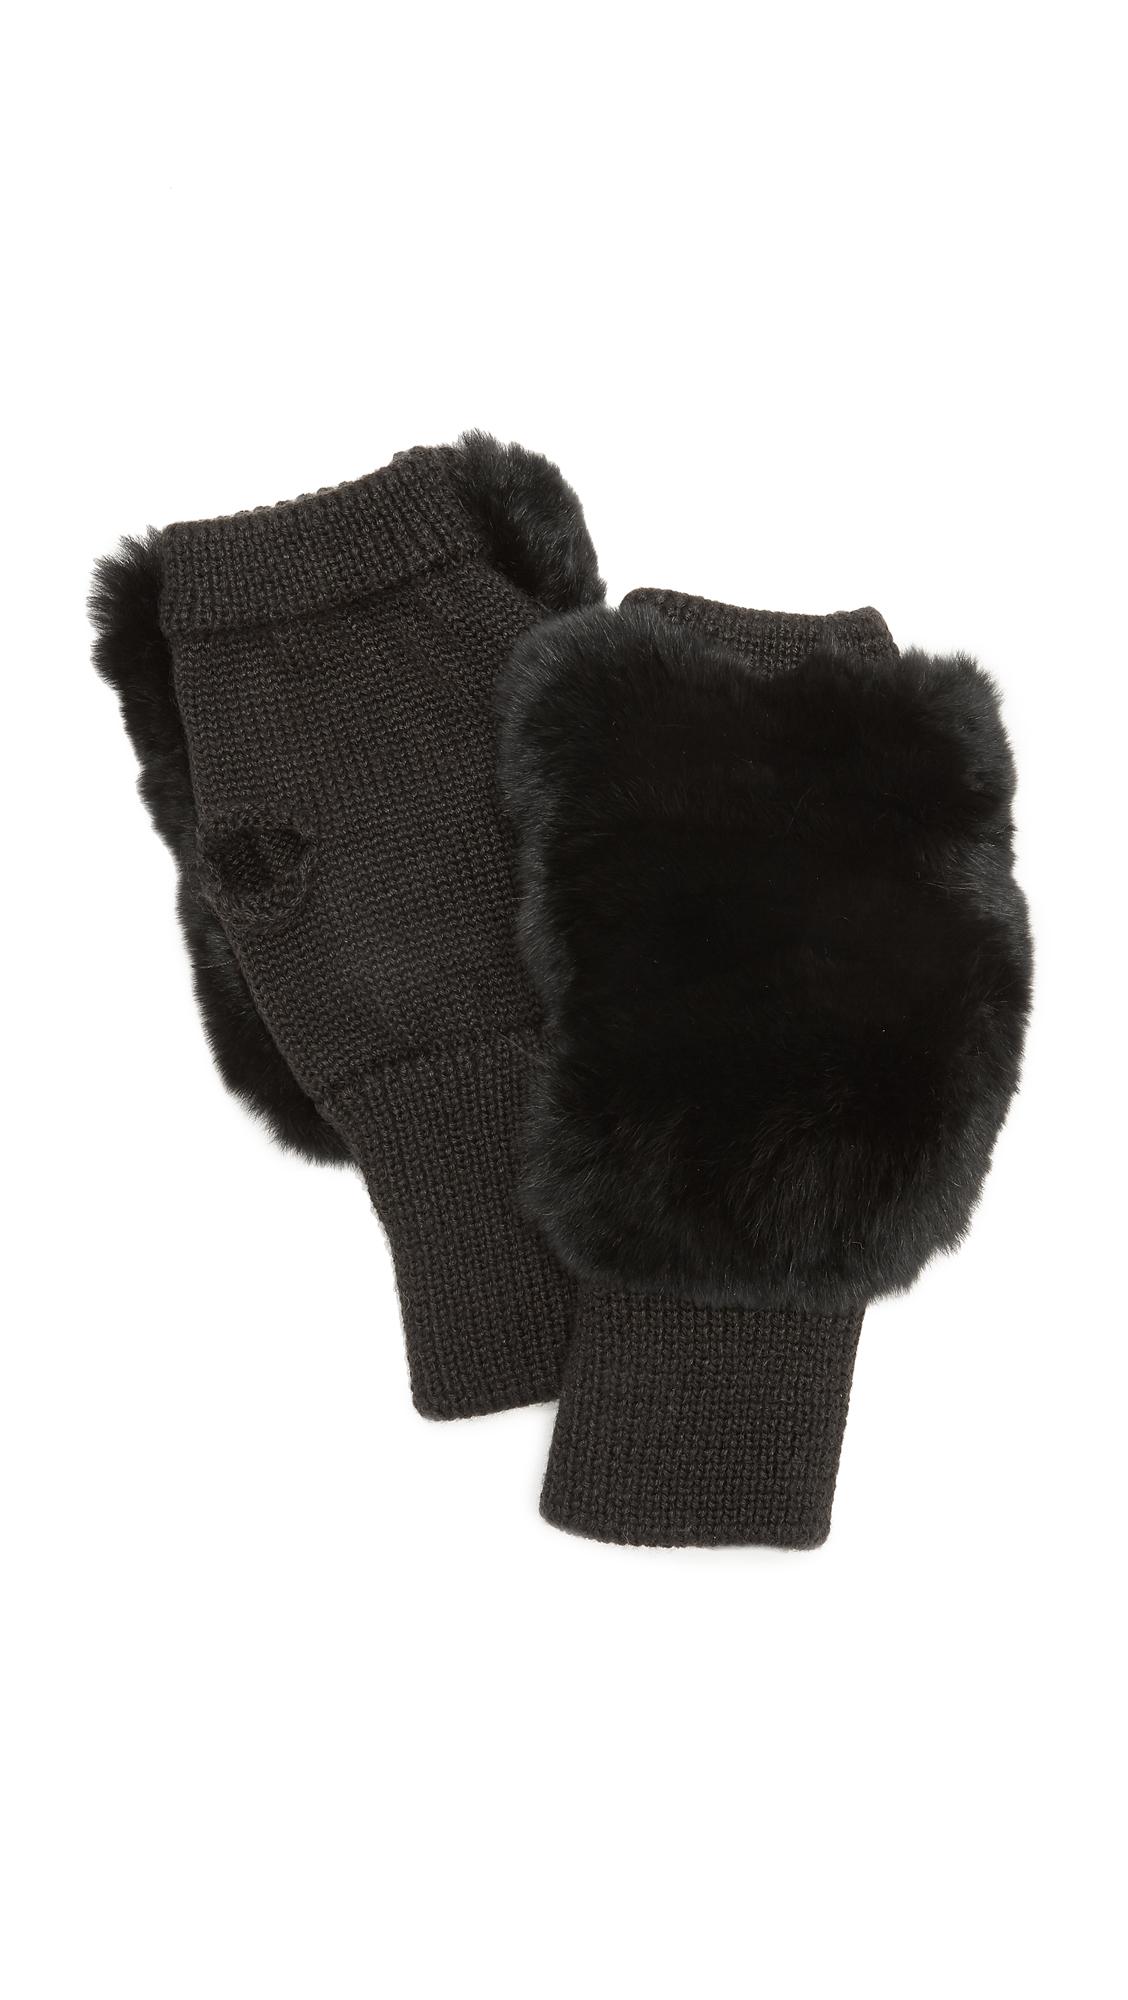 Jocelyn Fingerless Fur Gloves - Black